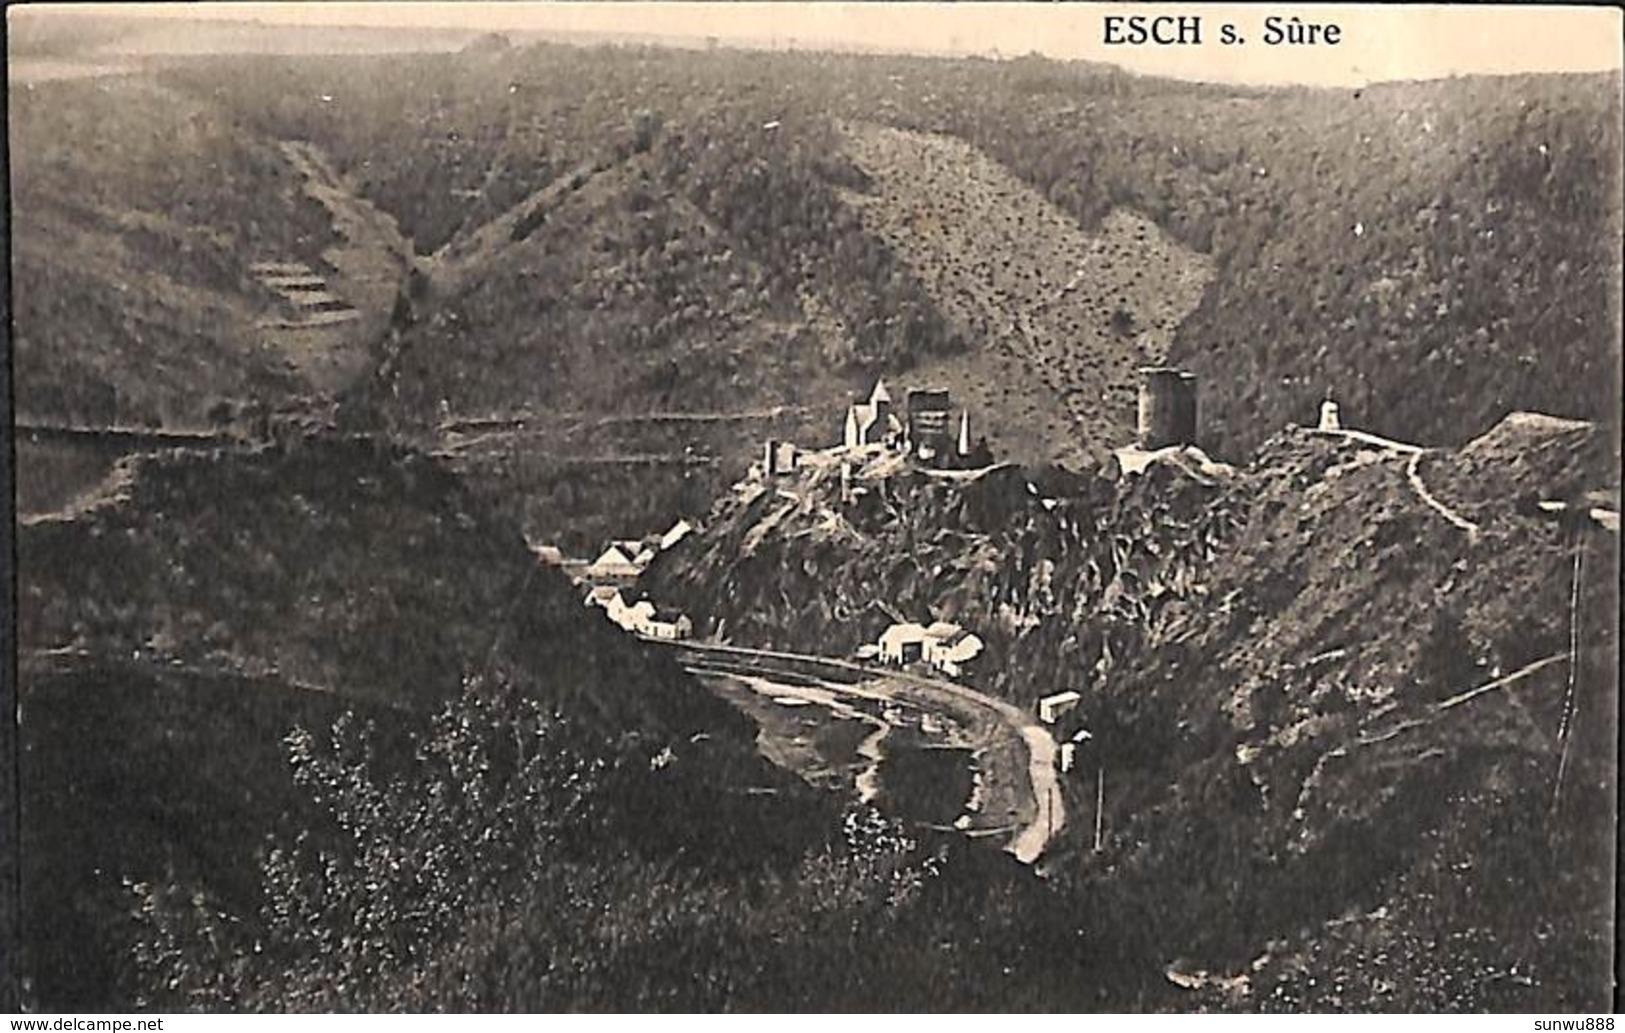 Esch S. Sûre - Panorama (Photo J. Kaemmerer) - Esch-sur-Sure